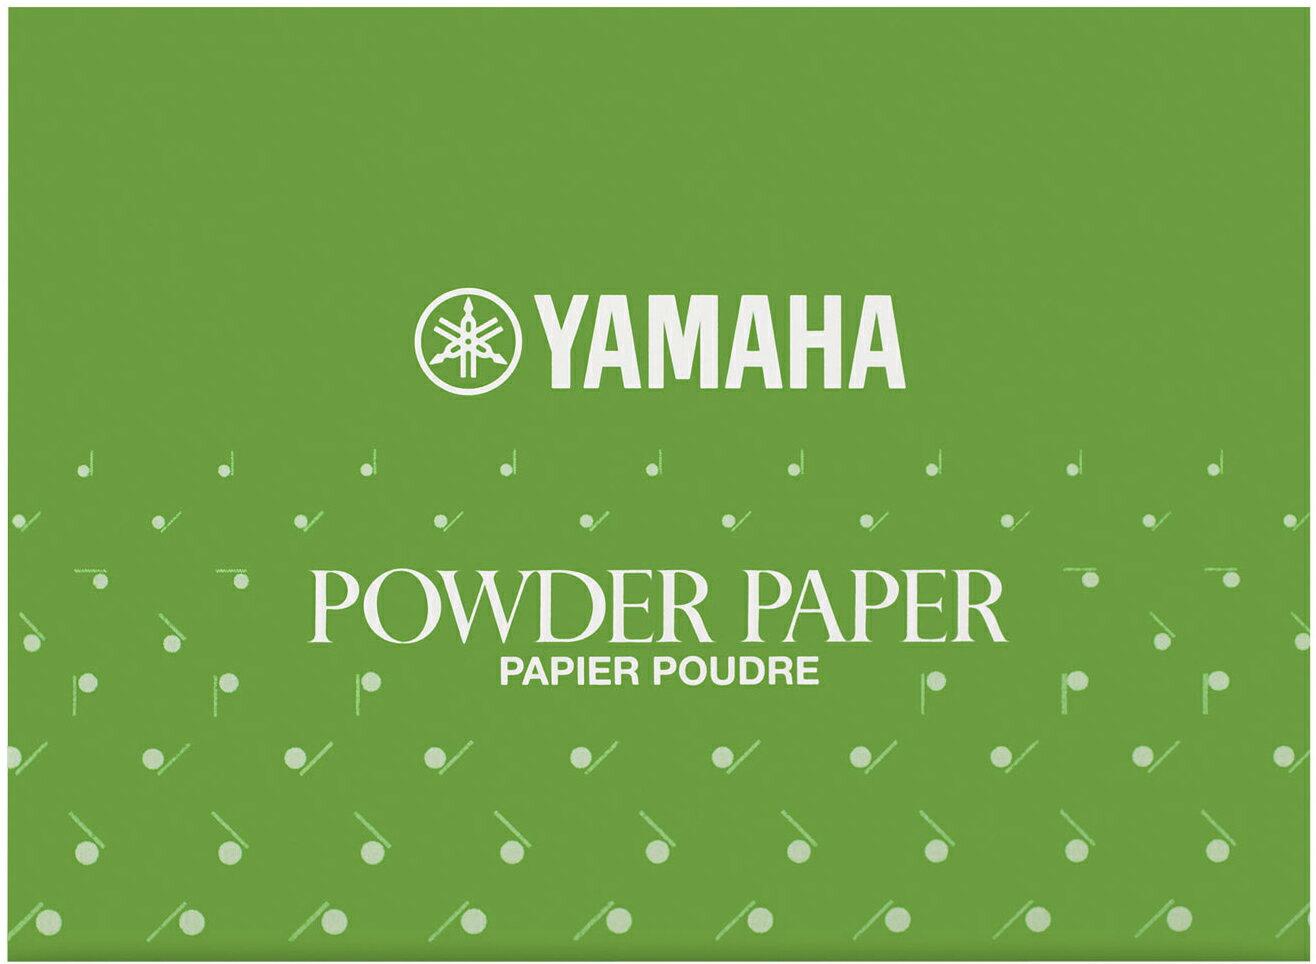 [ メール便 対応可 ] YAMAHA ( ヤマハ ) パウダーペーパー PP3 木管楽器 フルート クラリネット サックス お手入れ タンポ トーンホール powder paper 管楽器 メンテナンス